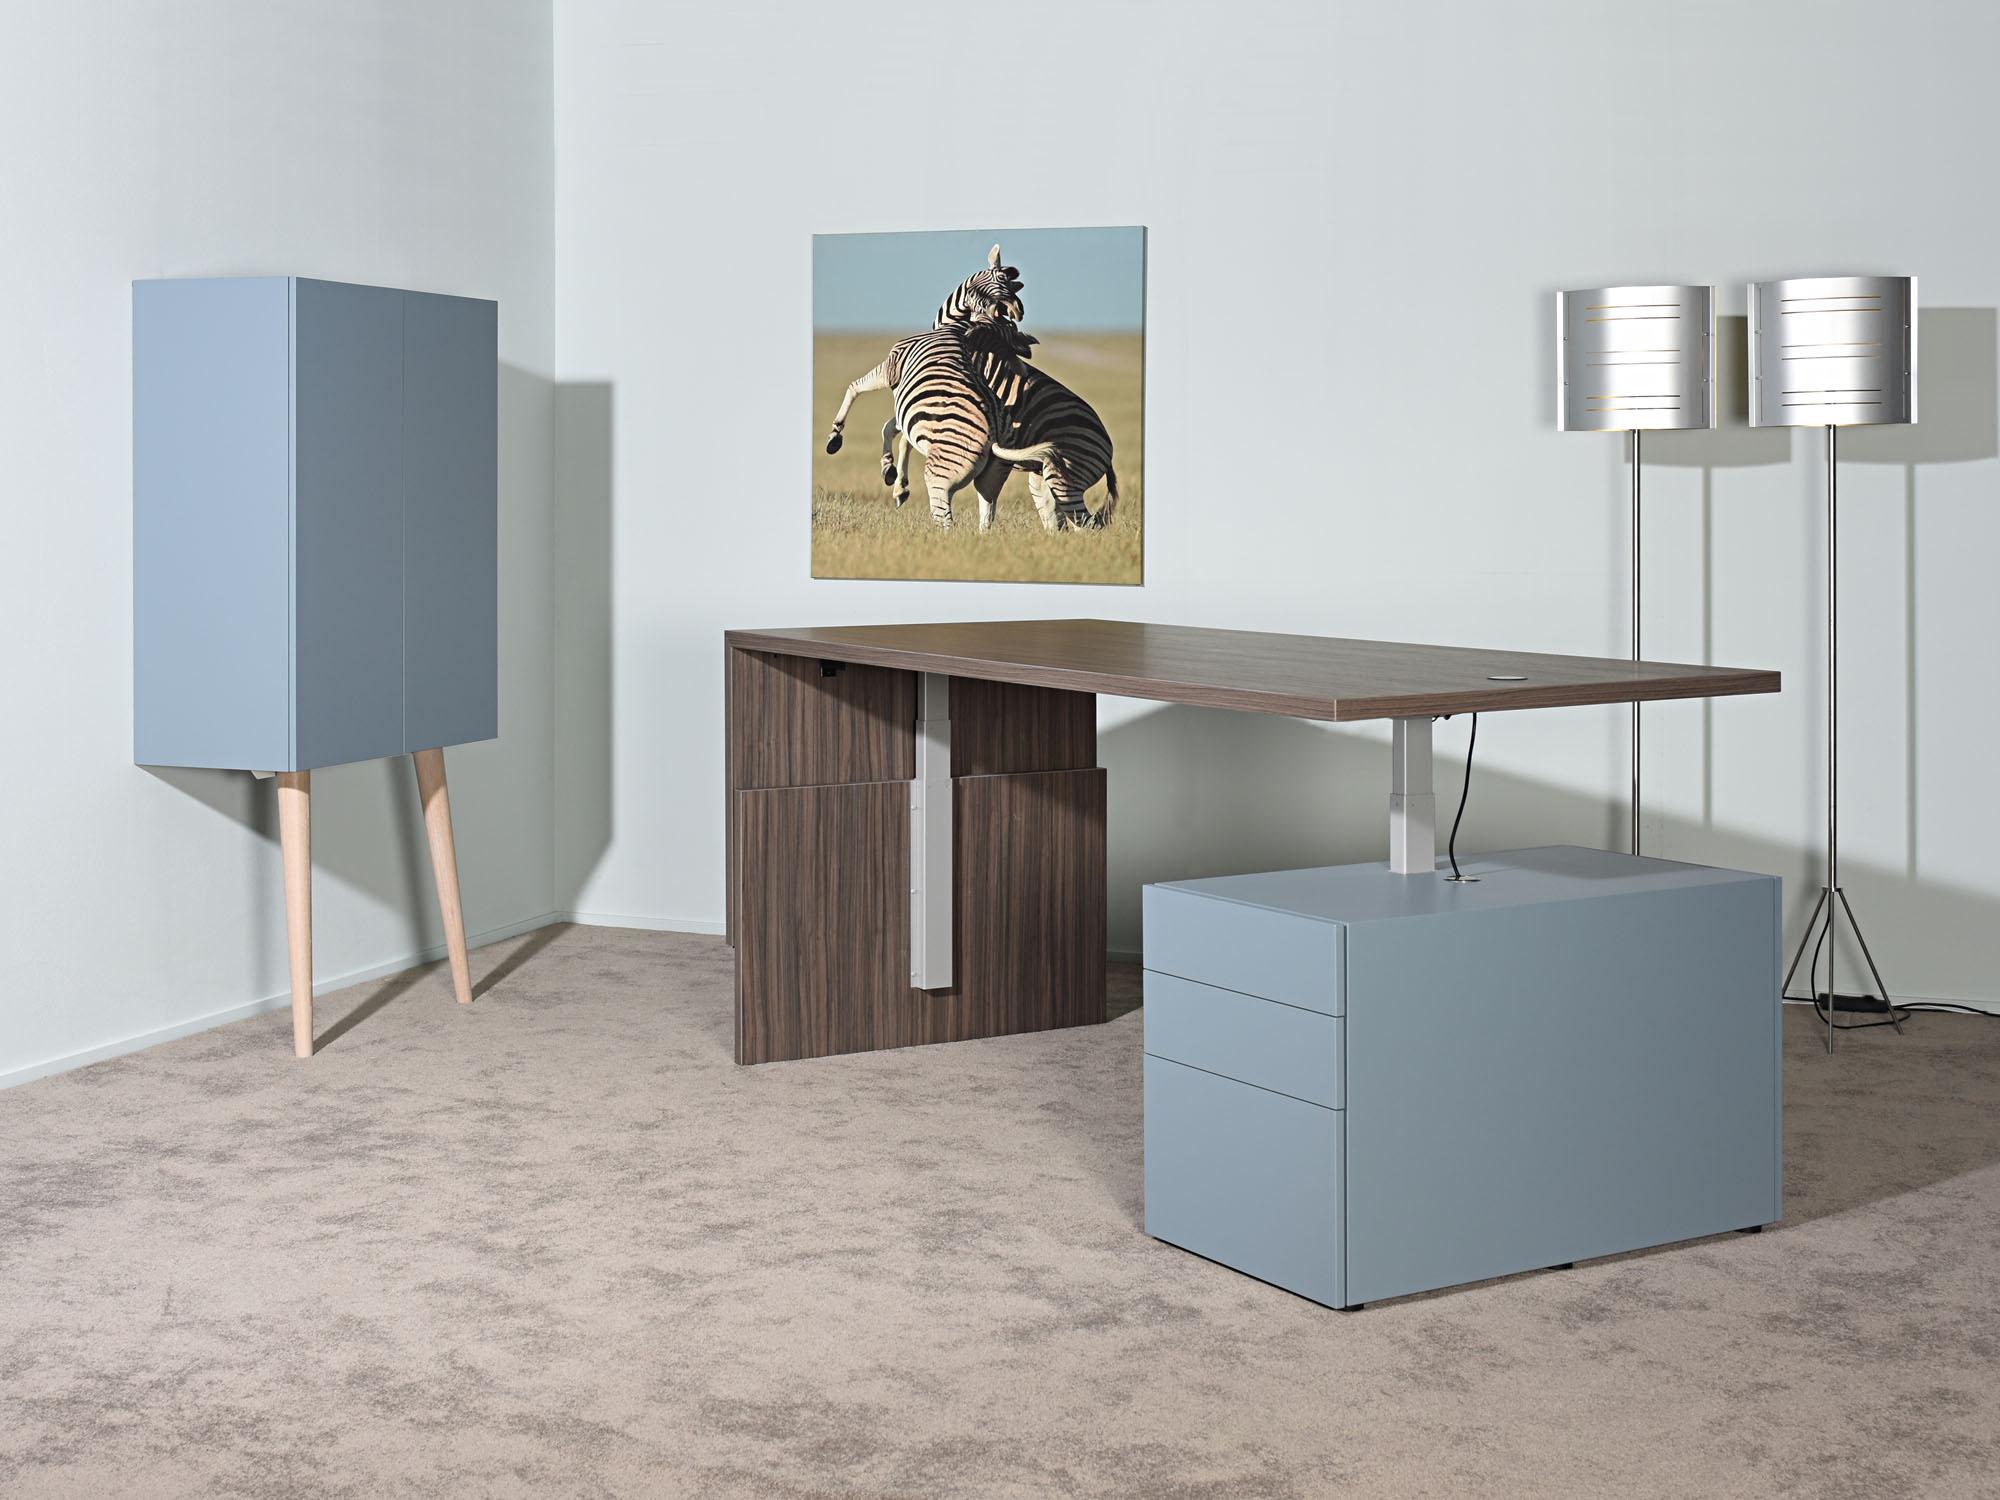 RP-leunkast en LVV-zitsta bureau, ontwerp door Castelijn Team